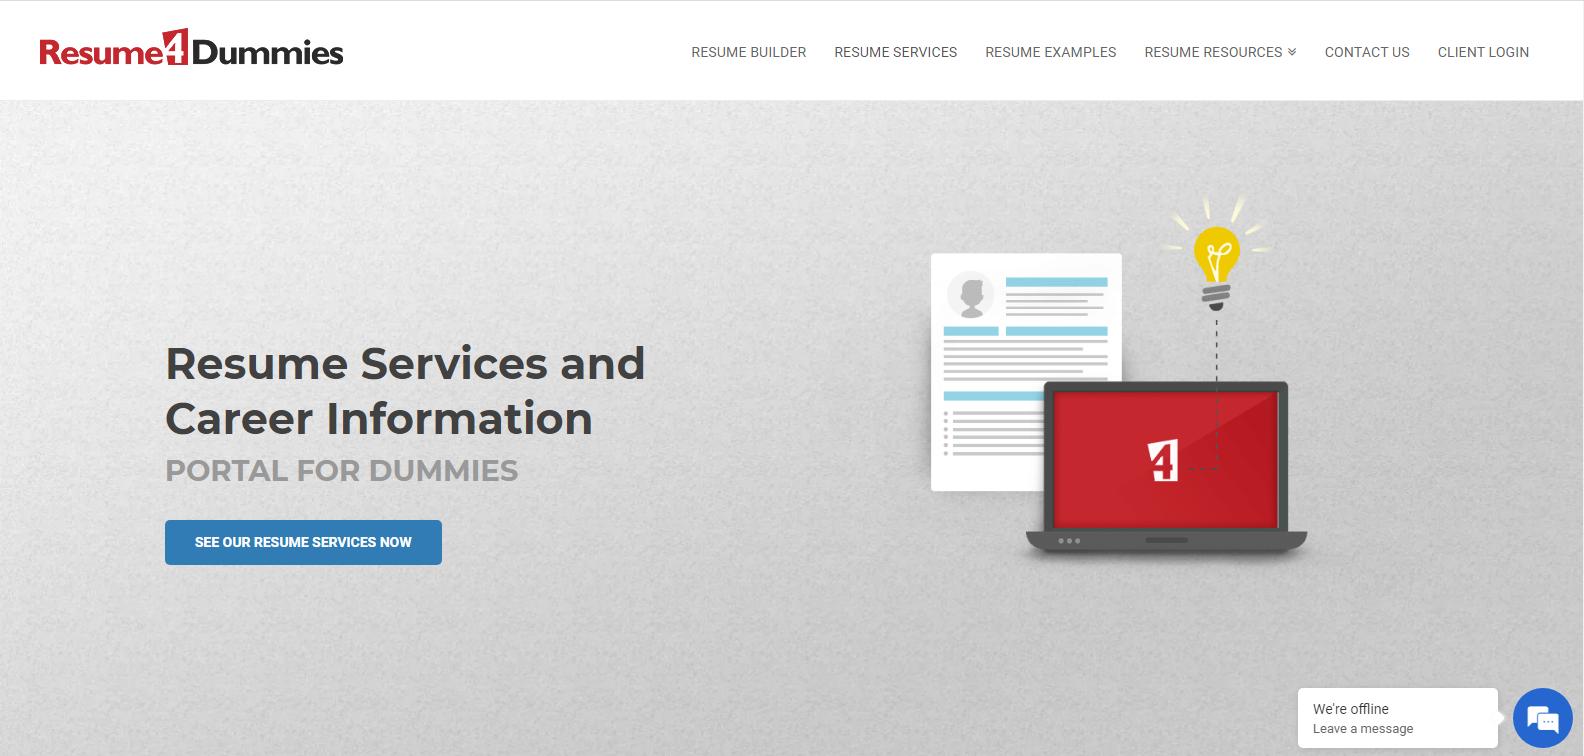 Best Sales Resume Services - Screenshot of Resume4Dummies Homepage